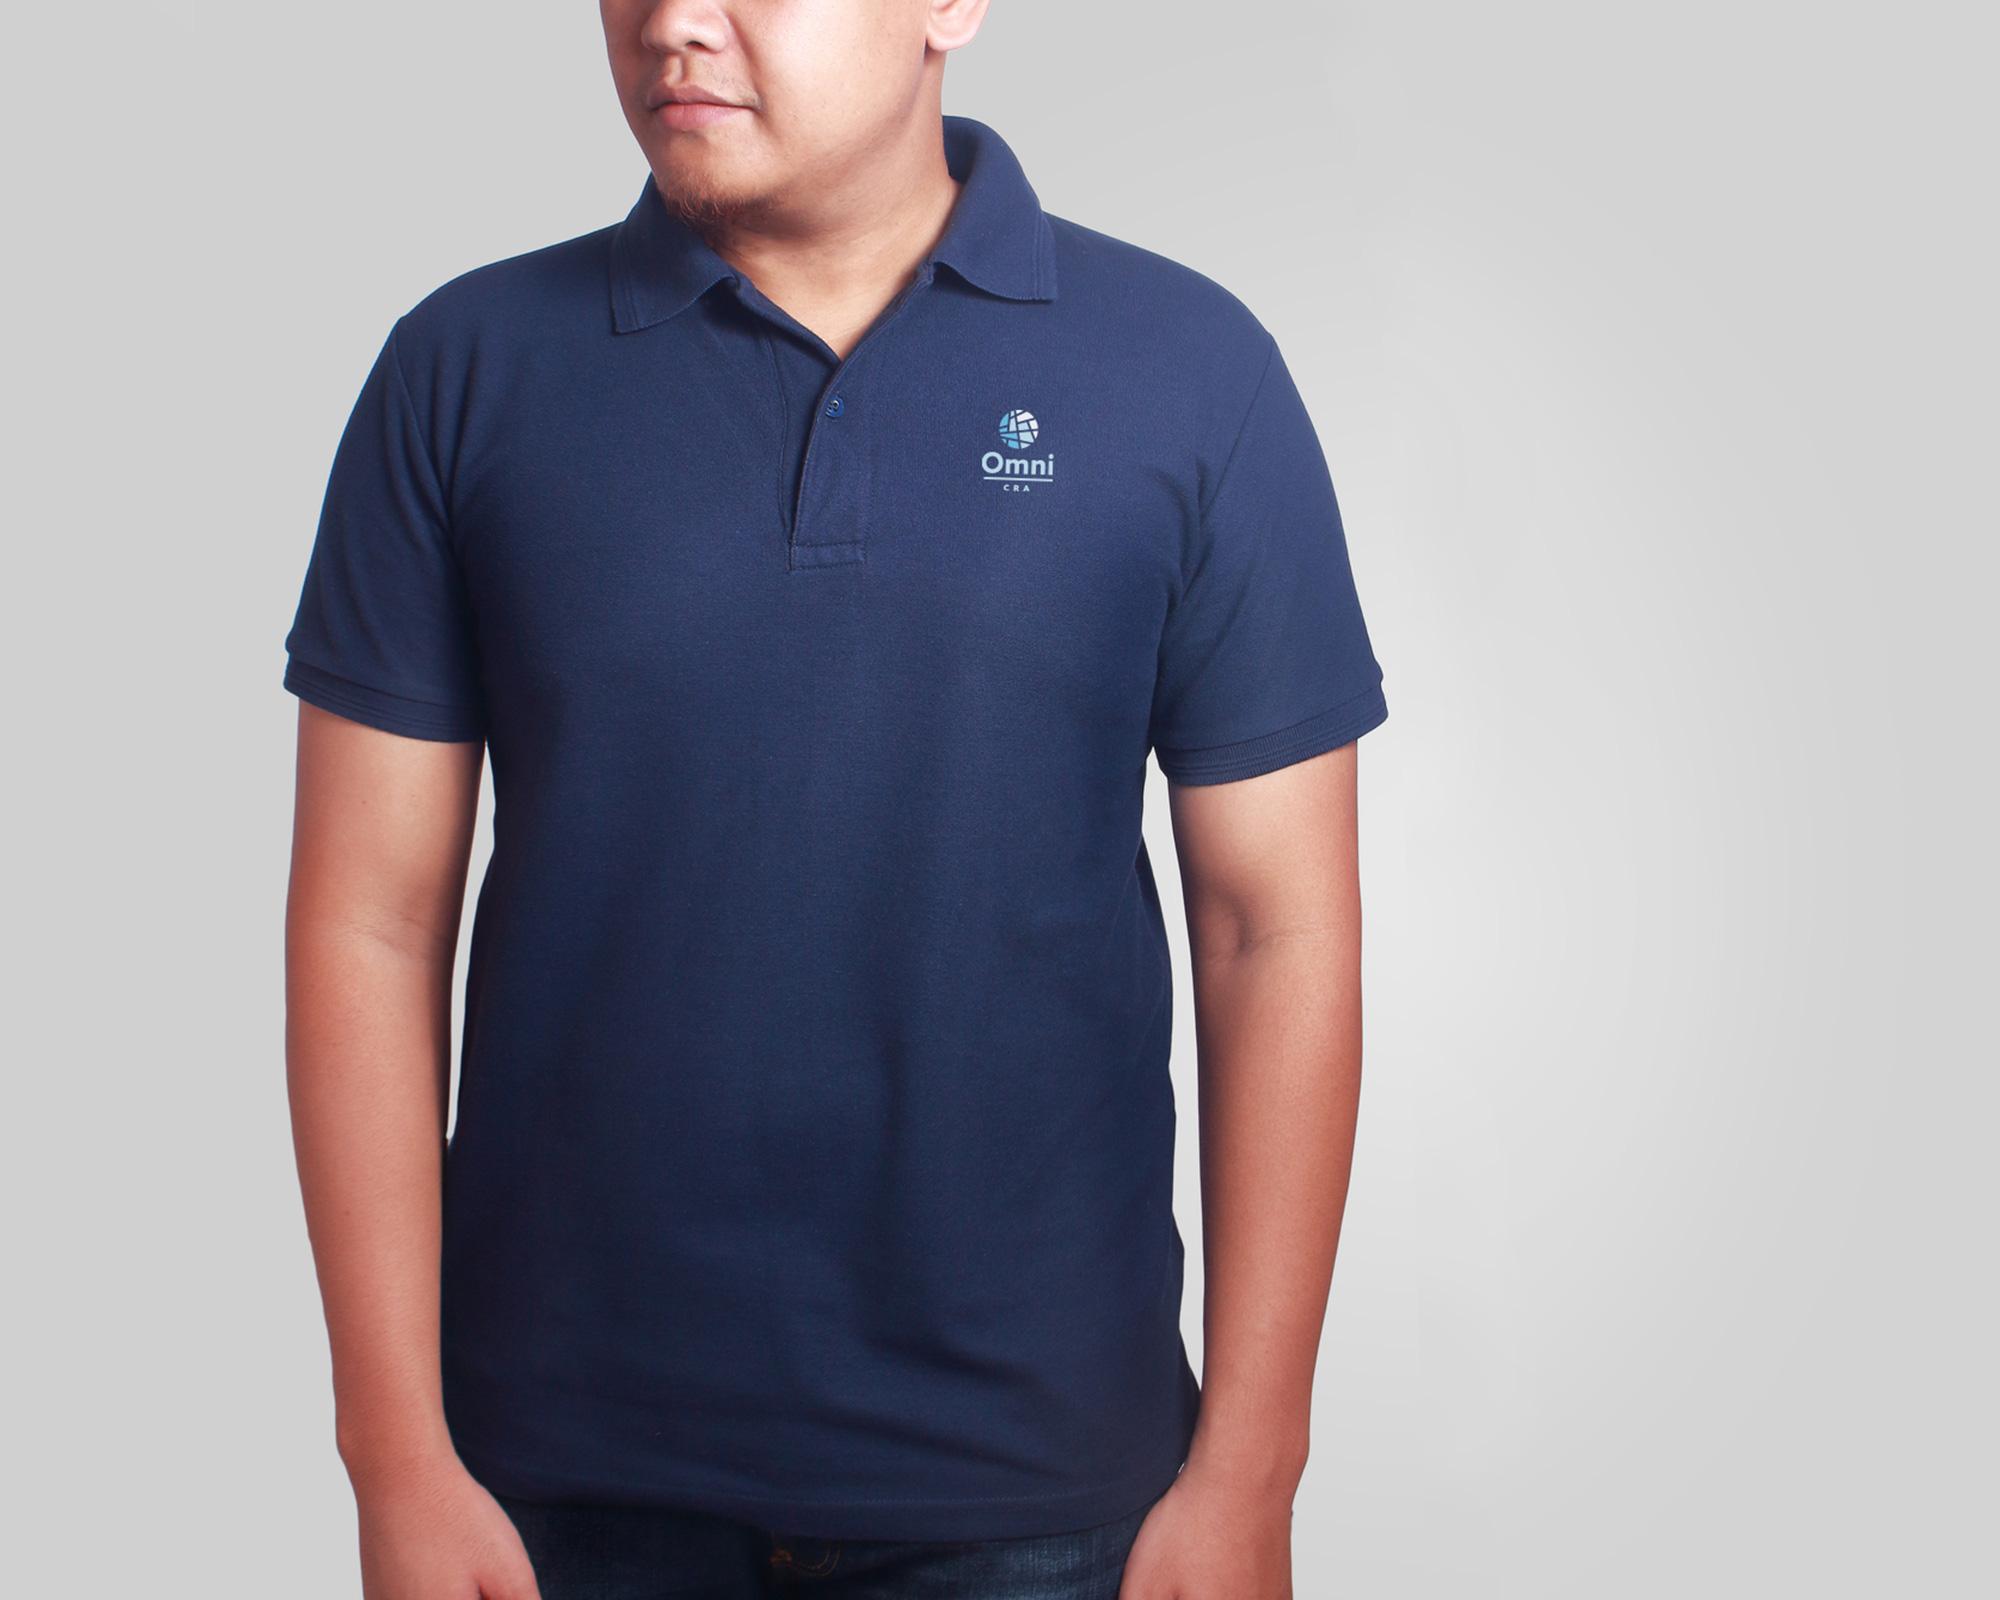 Omni CRA polo shirt design